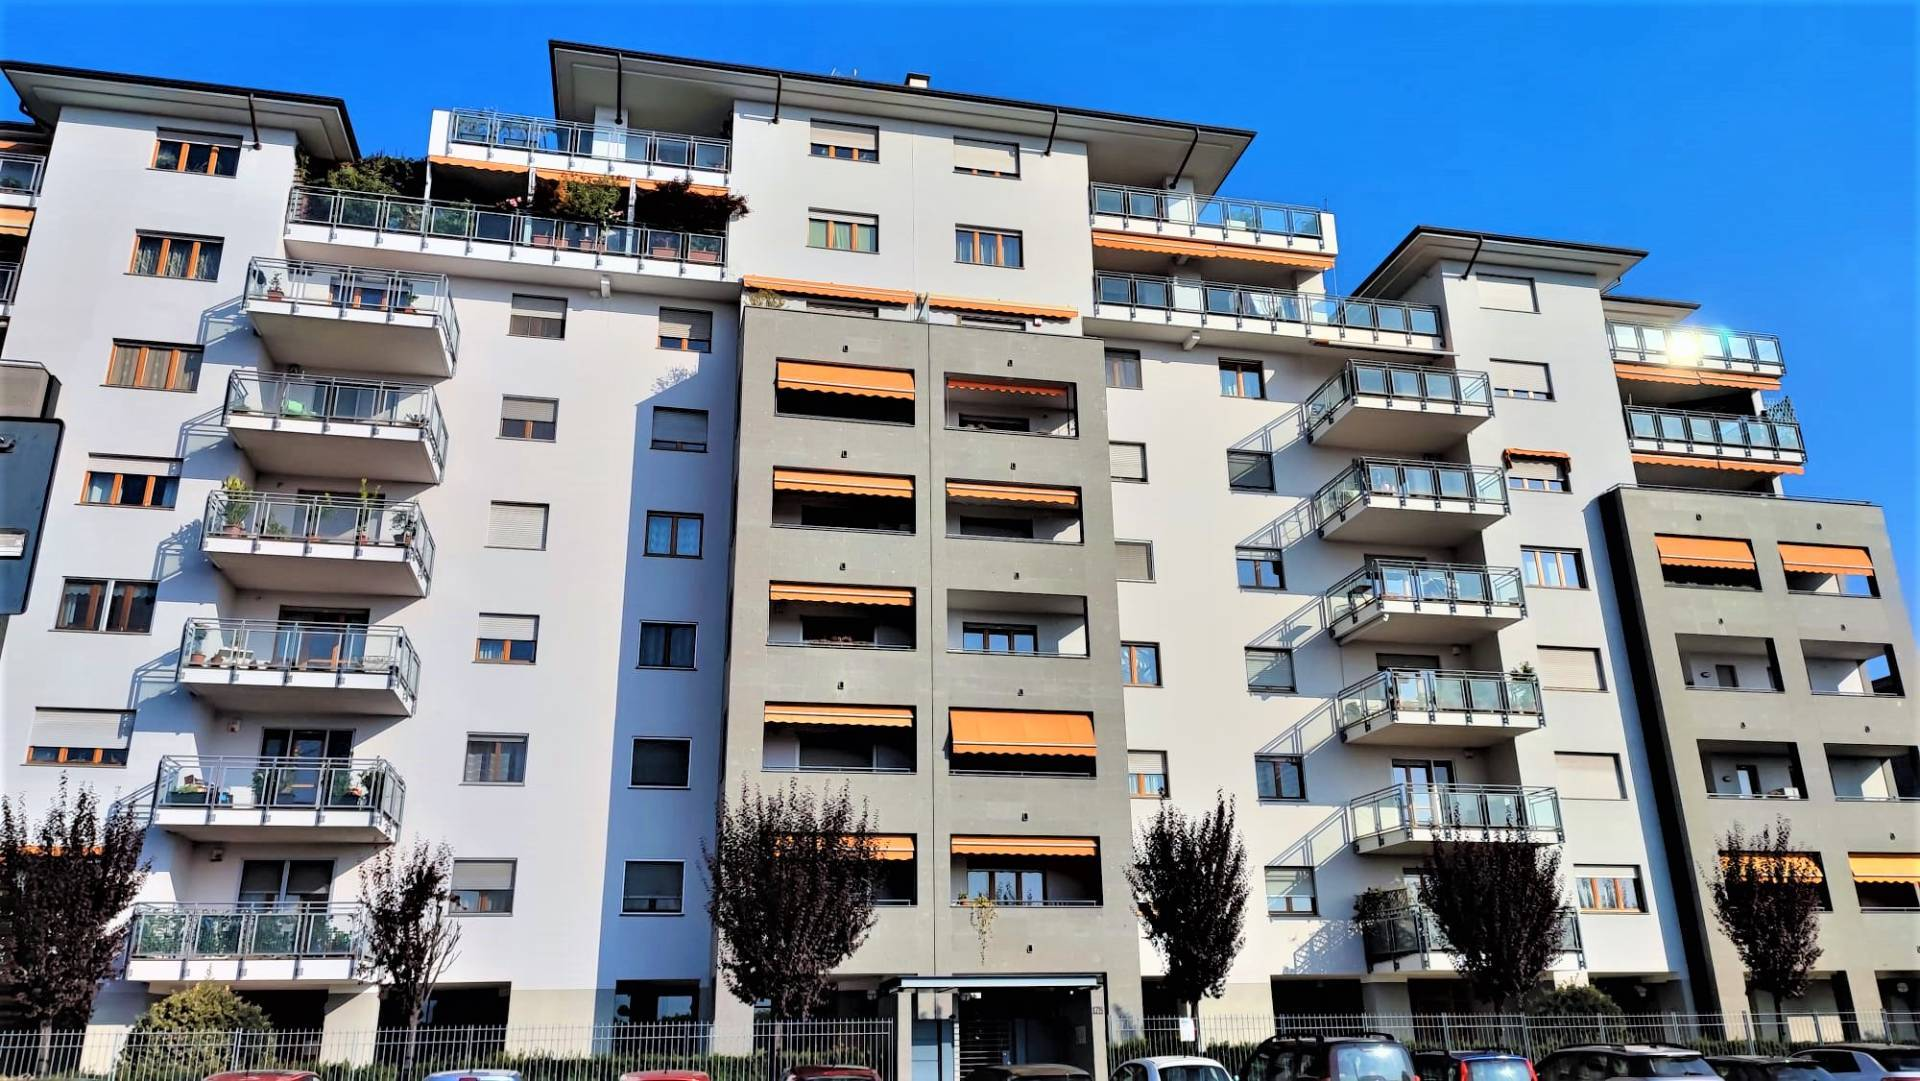 Appartamento in vendita a Venaria Reale, 4 locali, prezzo € 219.000 | CambioCasa.it